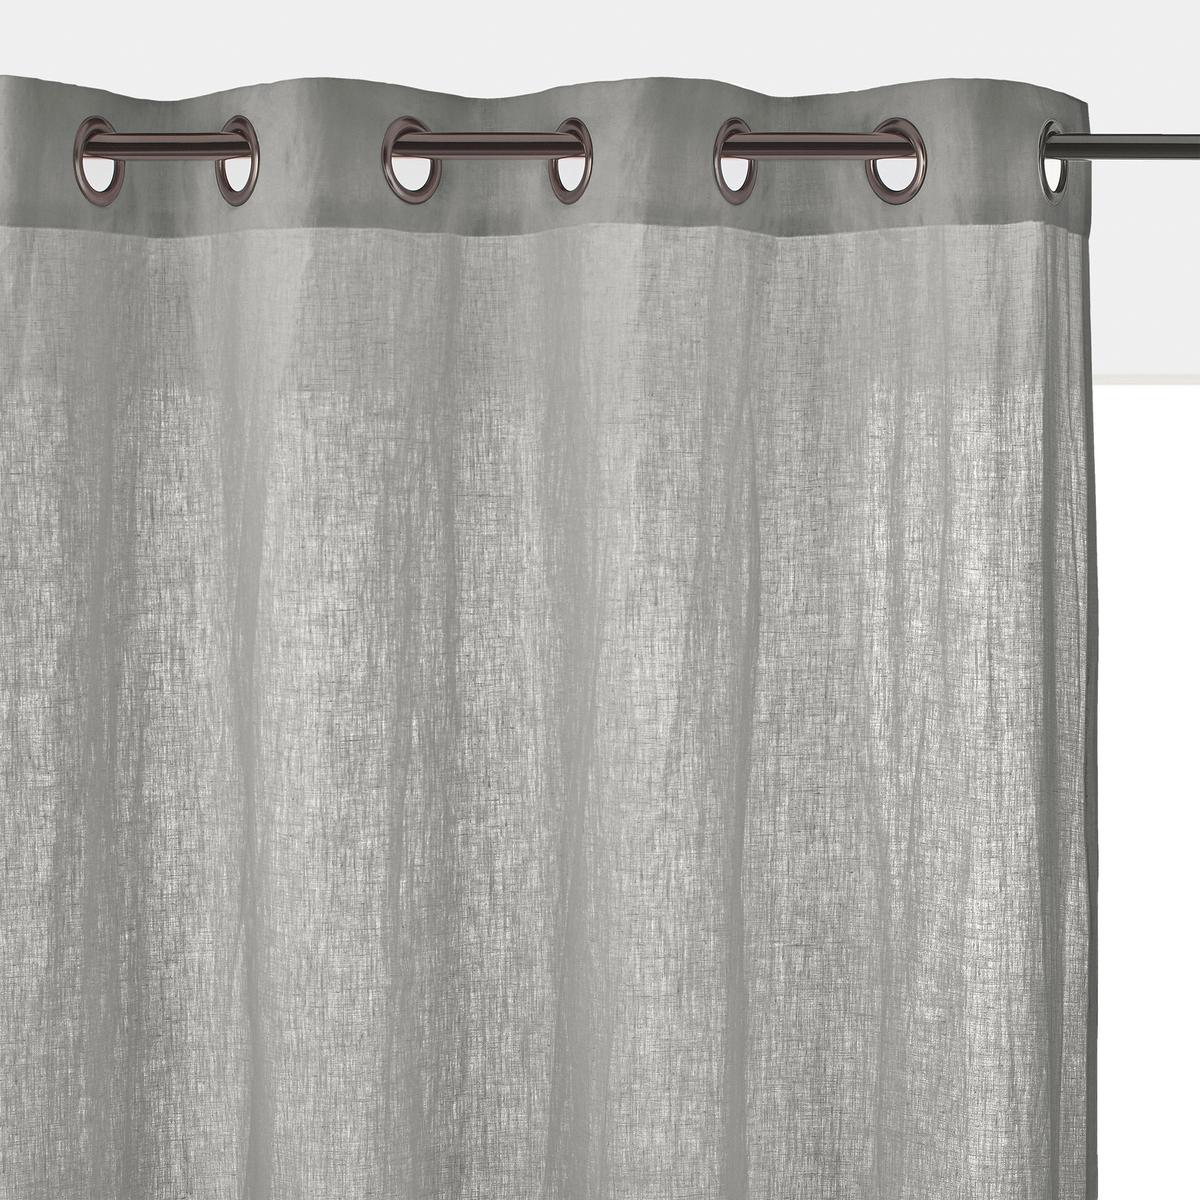 Штора LaRedoute Из стиранного льна с люверсами Onega 350 x 135 см серый